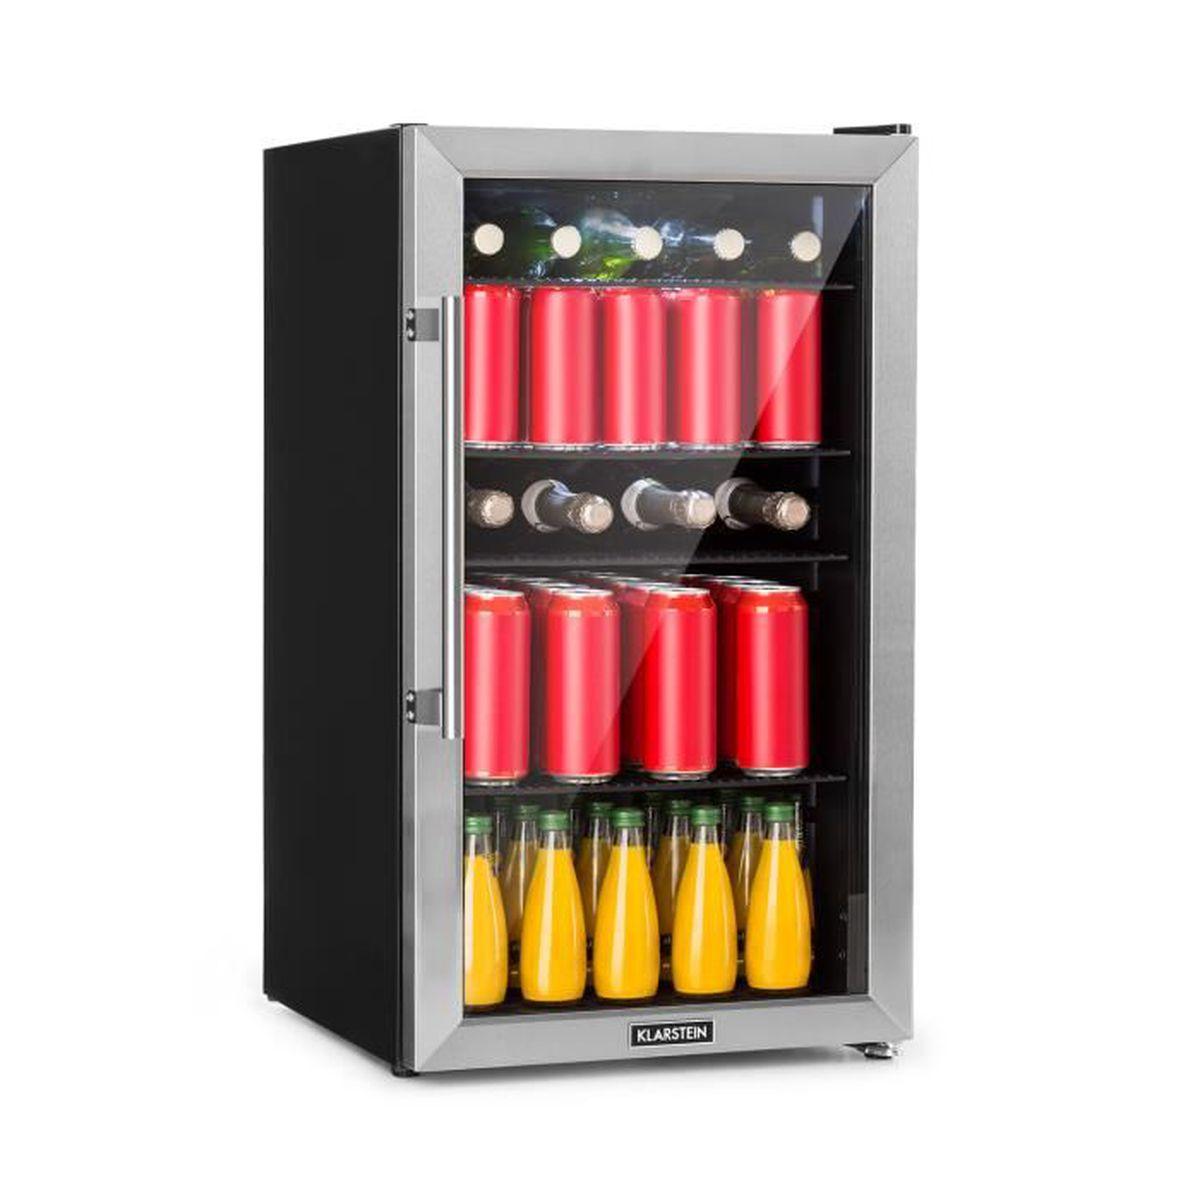 2 en 1 Mini Réfrigérateur Argent détient Boissons canettes Compact bar réfrigérateur